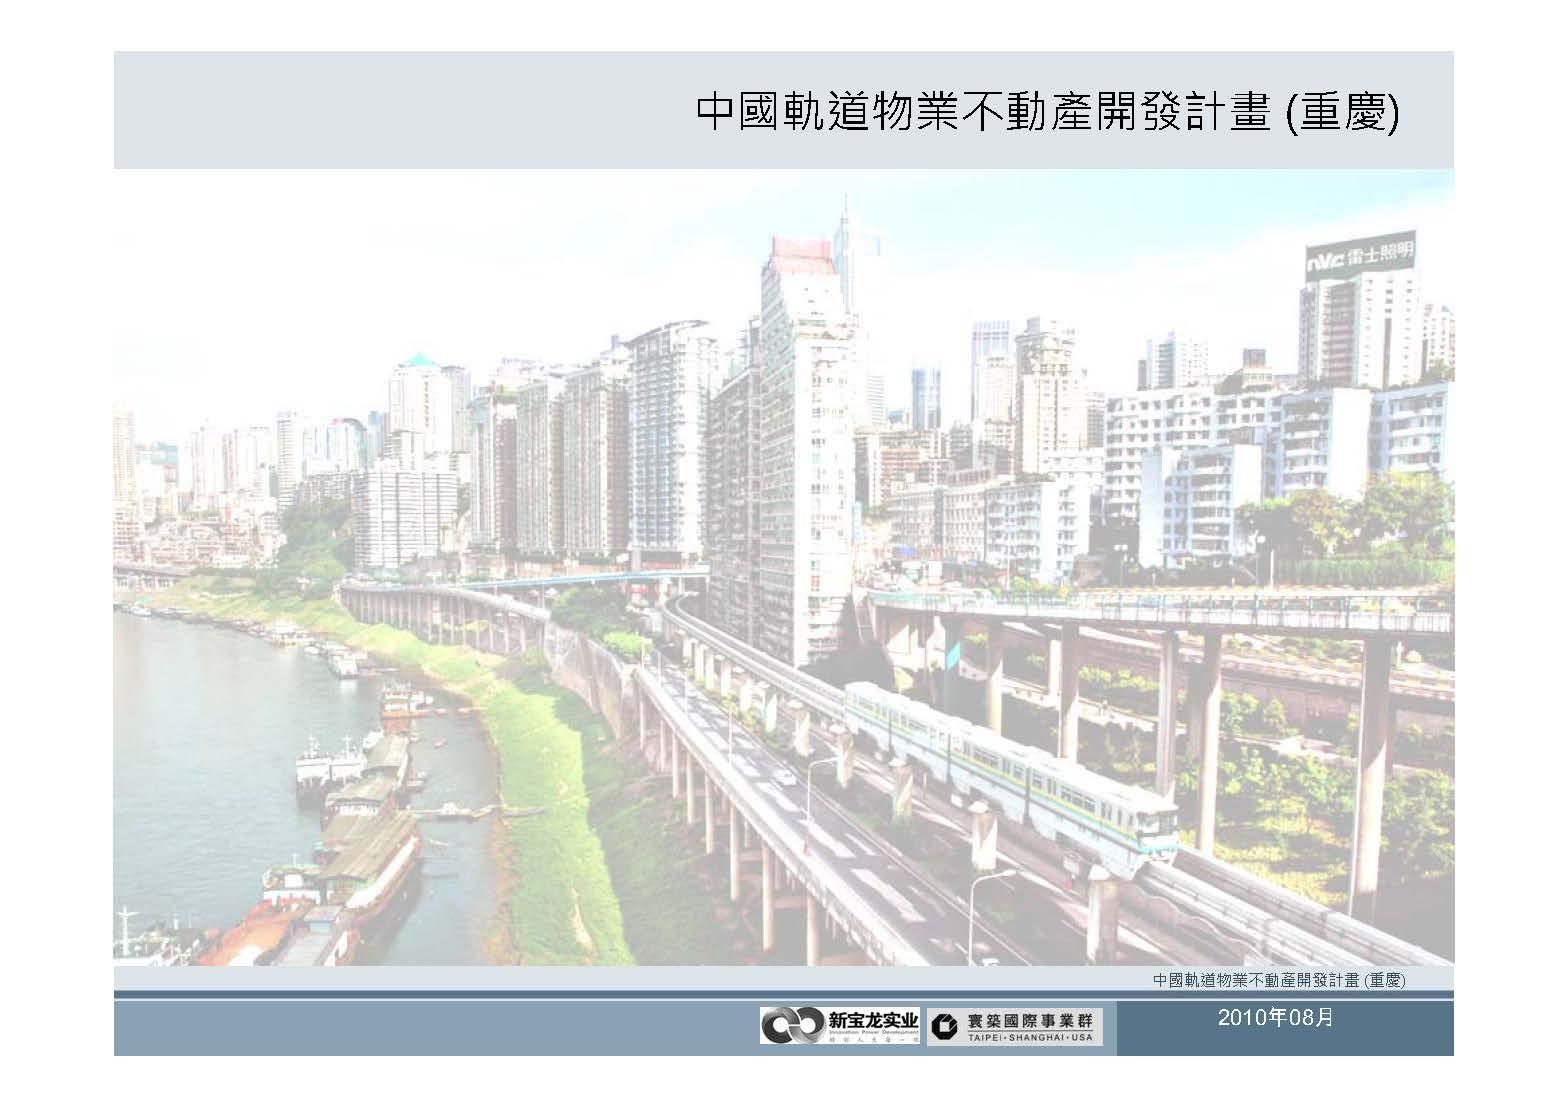 20100812-中國軌道物業不動產開發計畫(重慶)_頁面_01